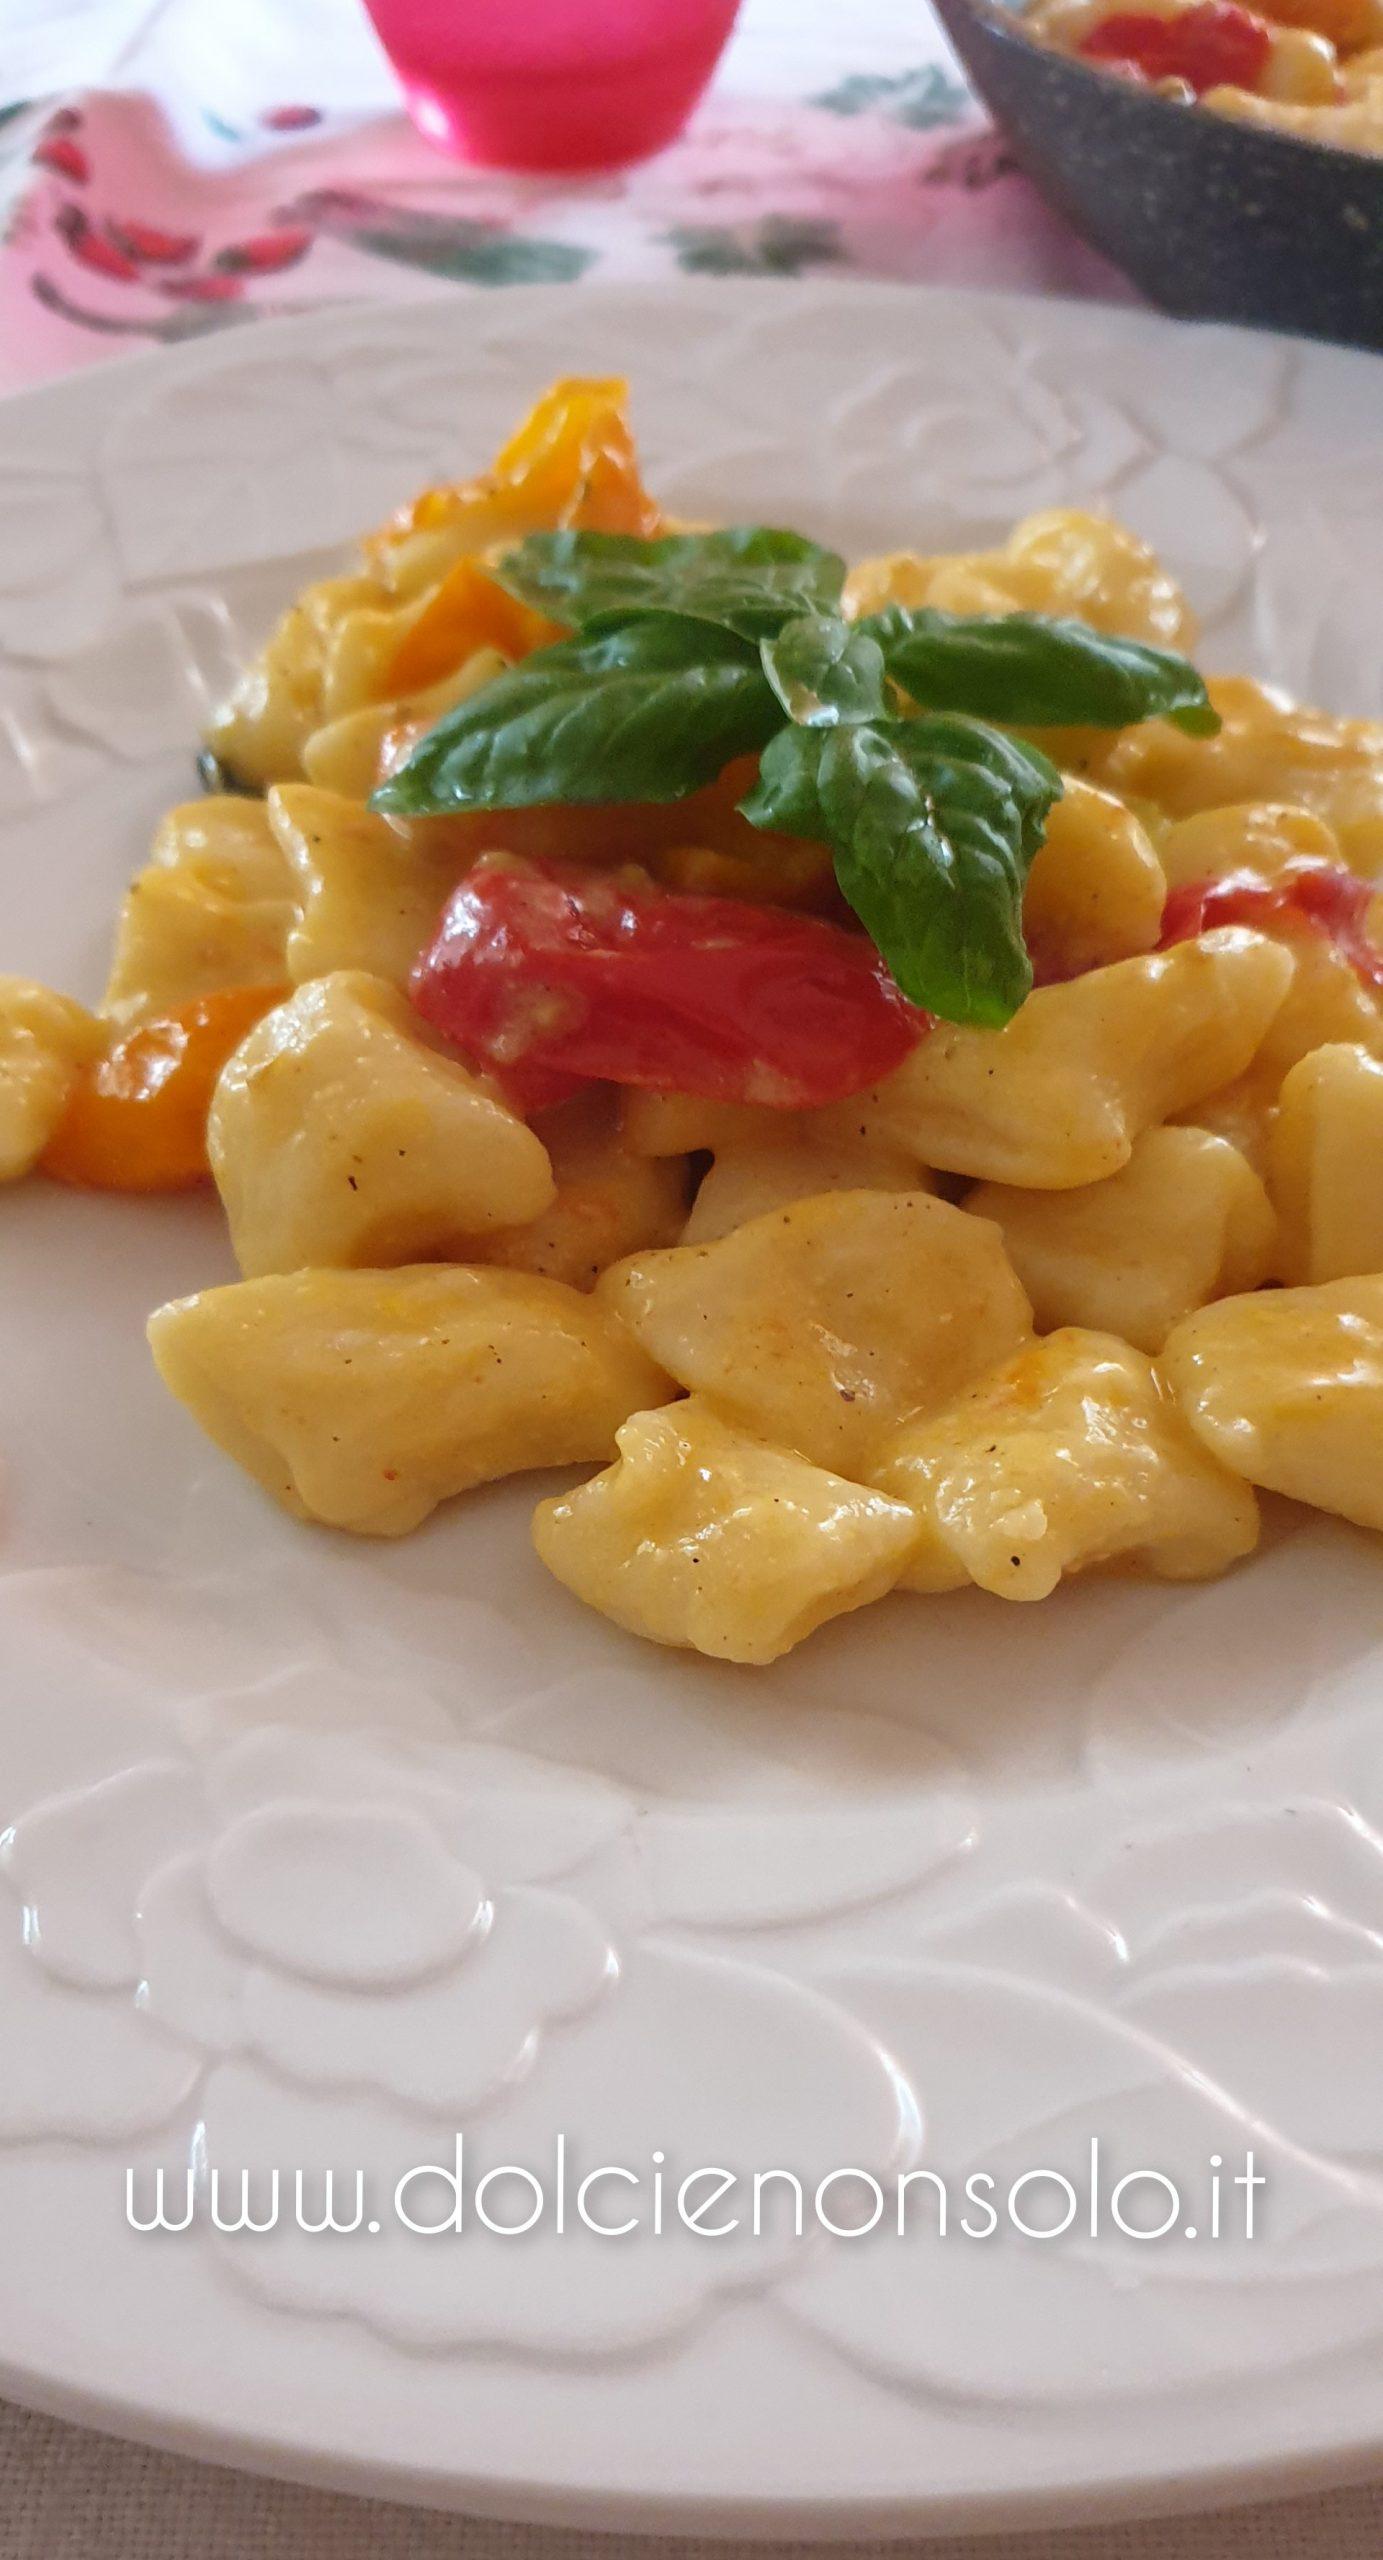 gnocchi cremosi con pomodorini gialli e rossi